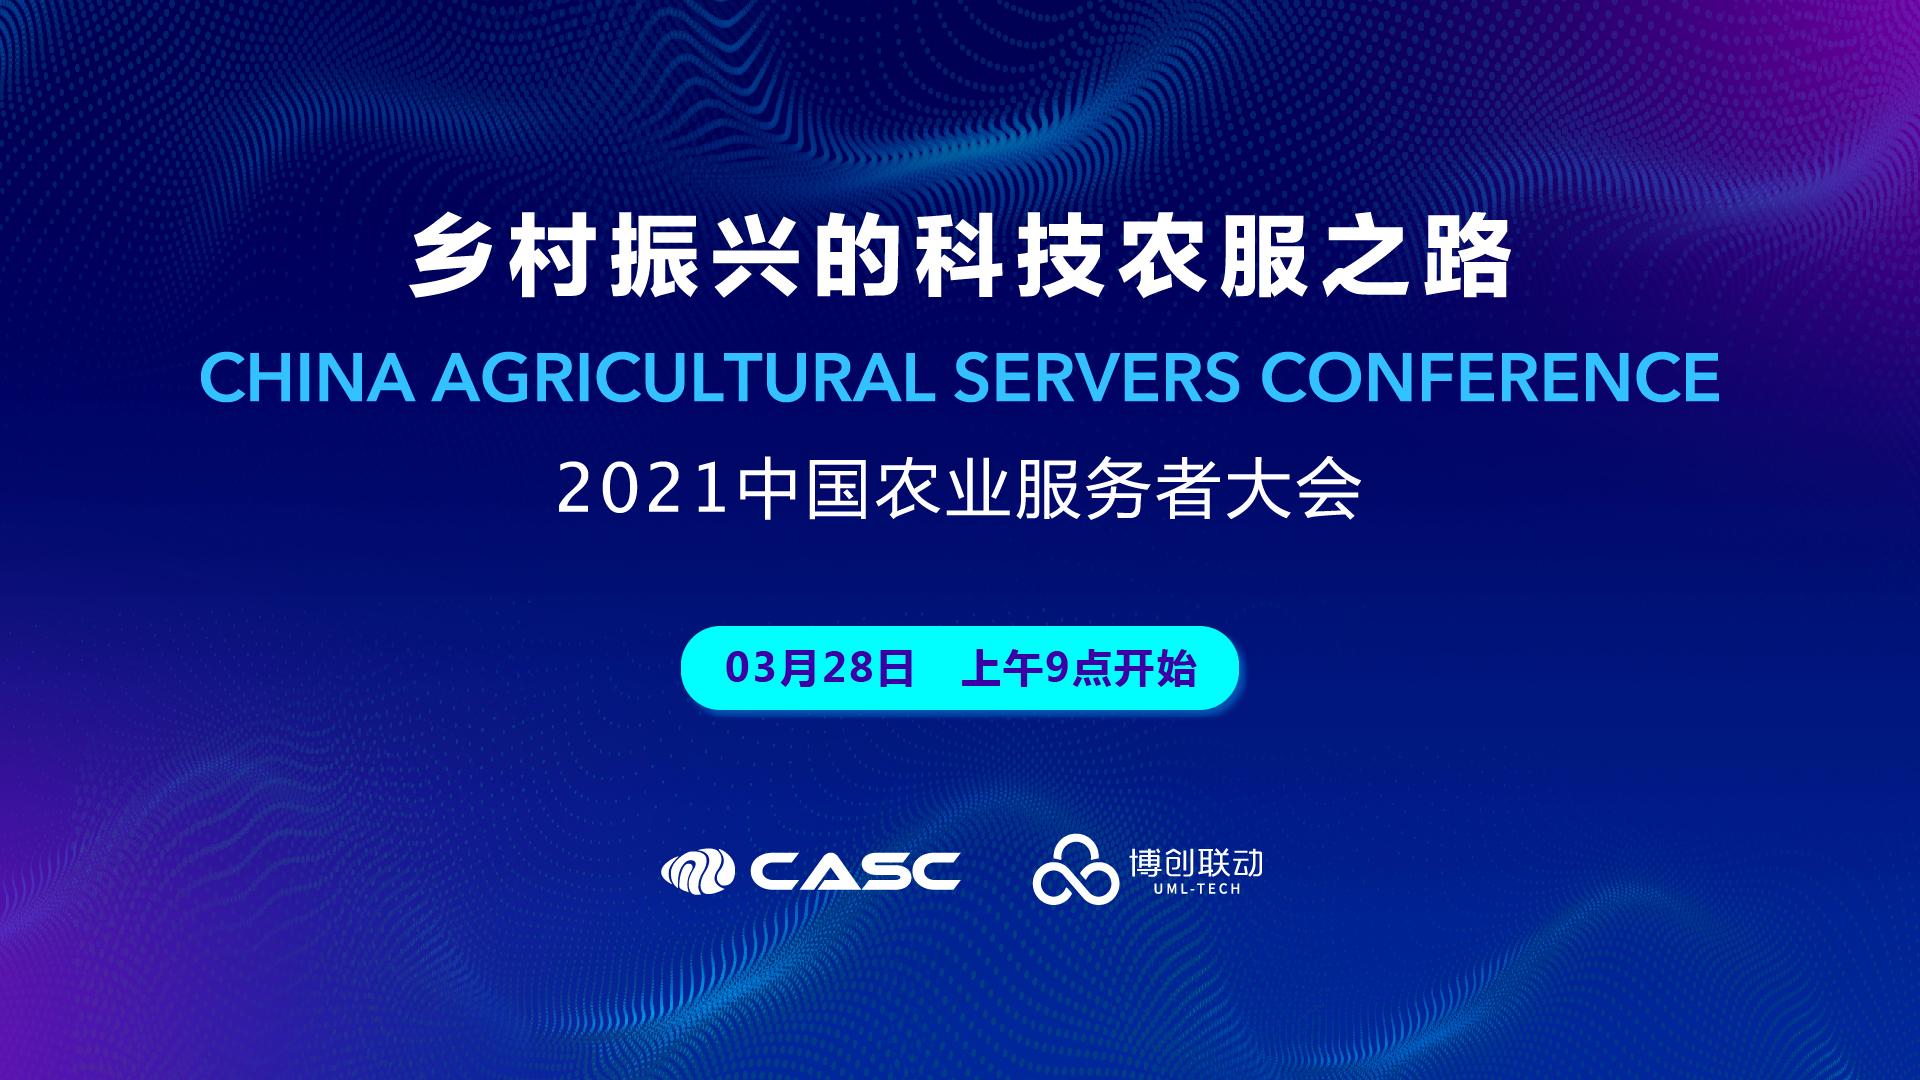 2021中国农业服务者大会